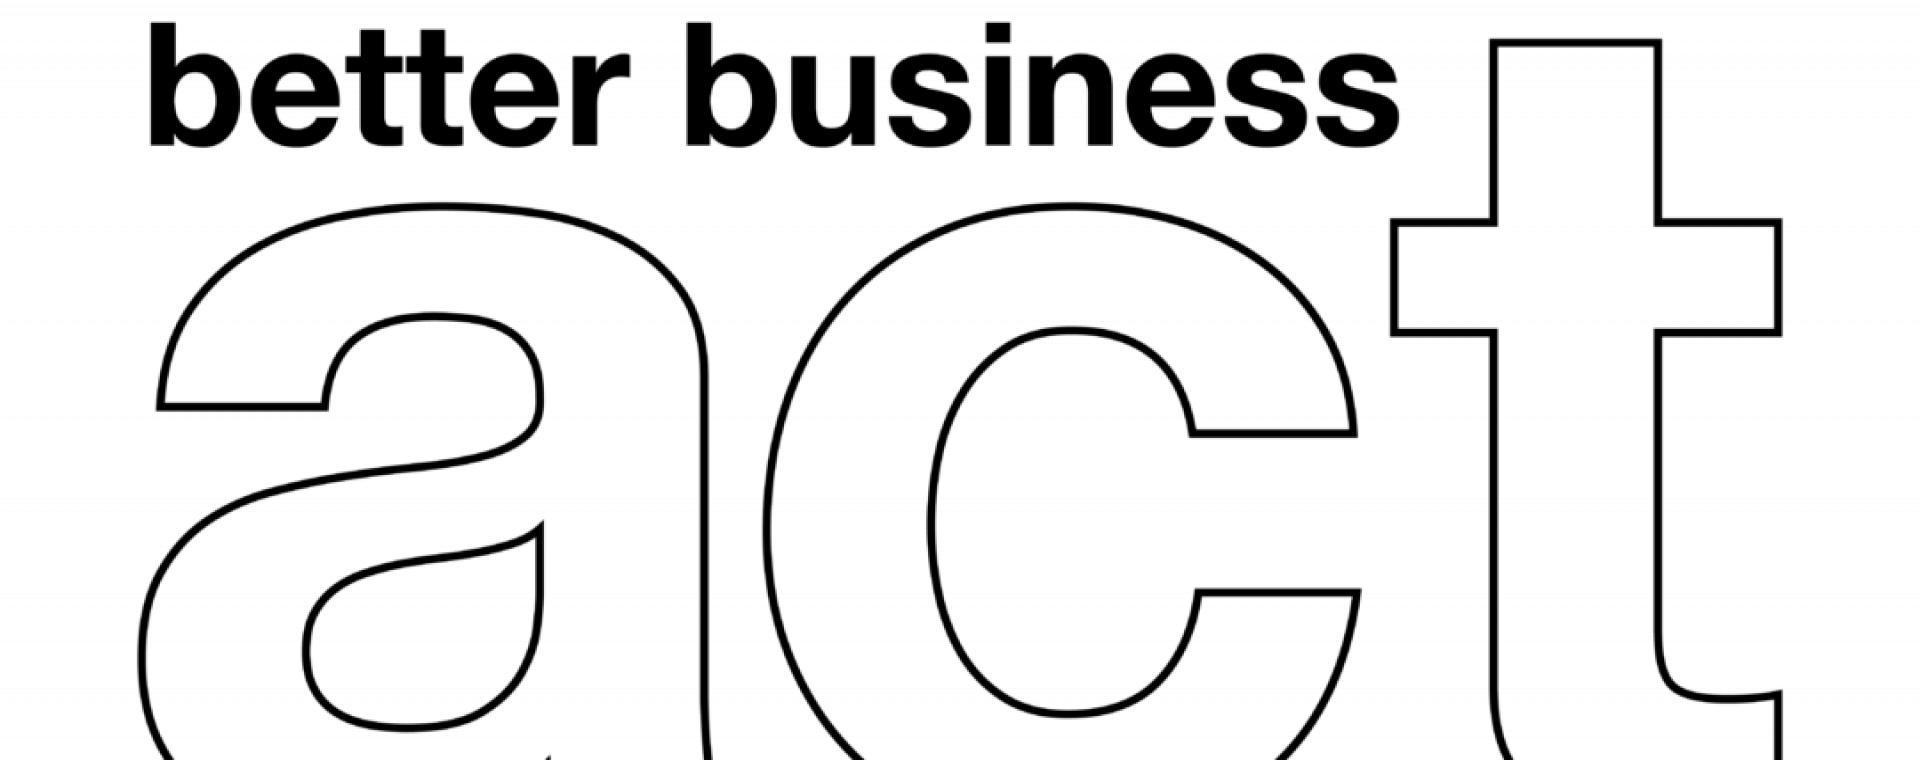 Better Business Act logo